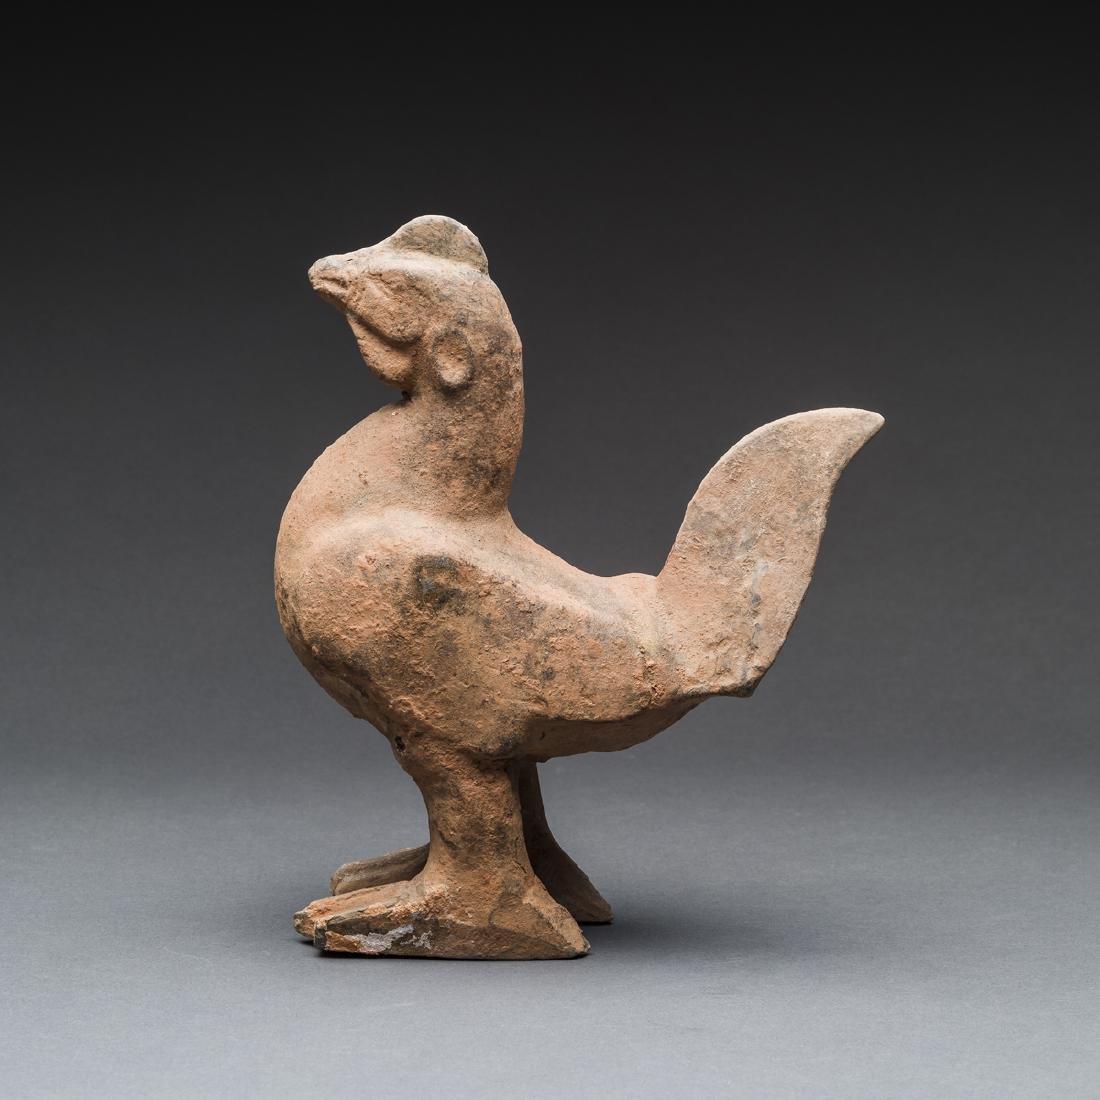 Eastern Han Terracotta Sculpture of a Chicken